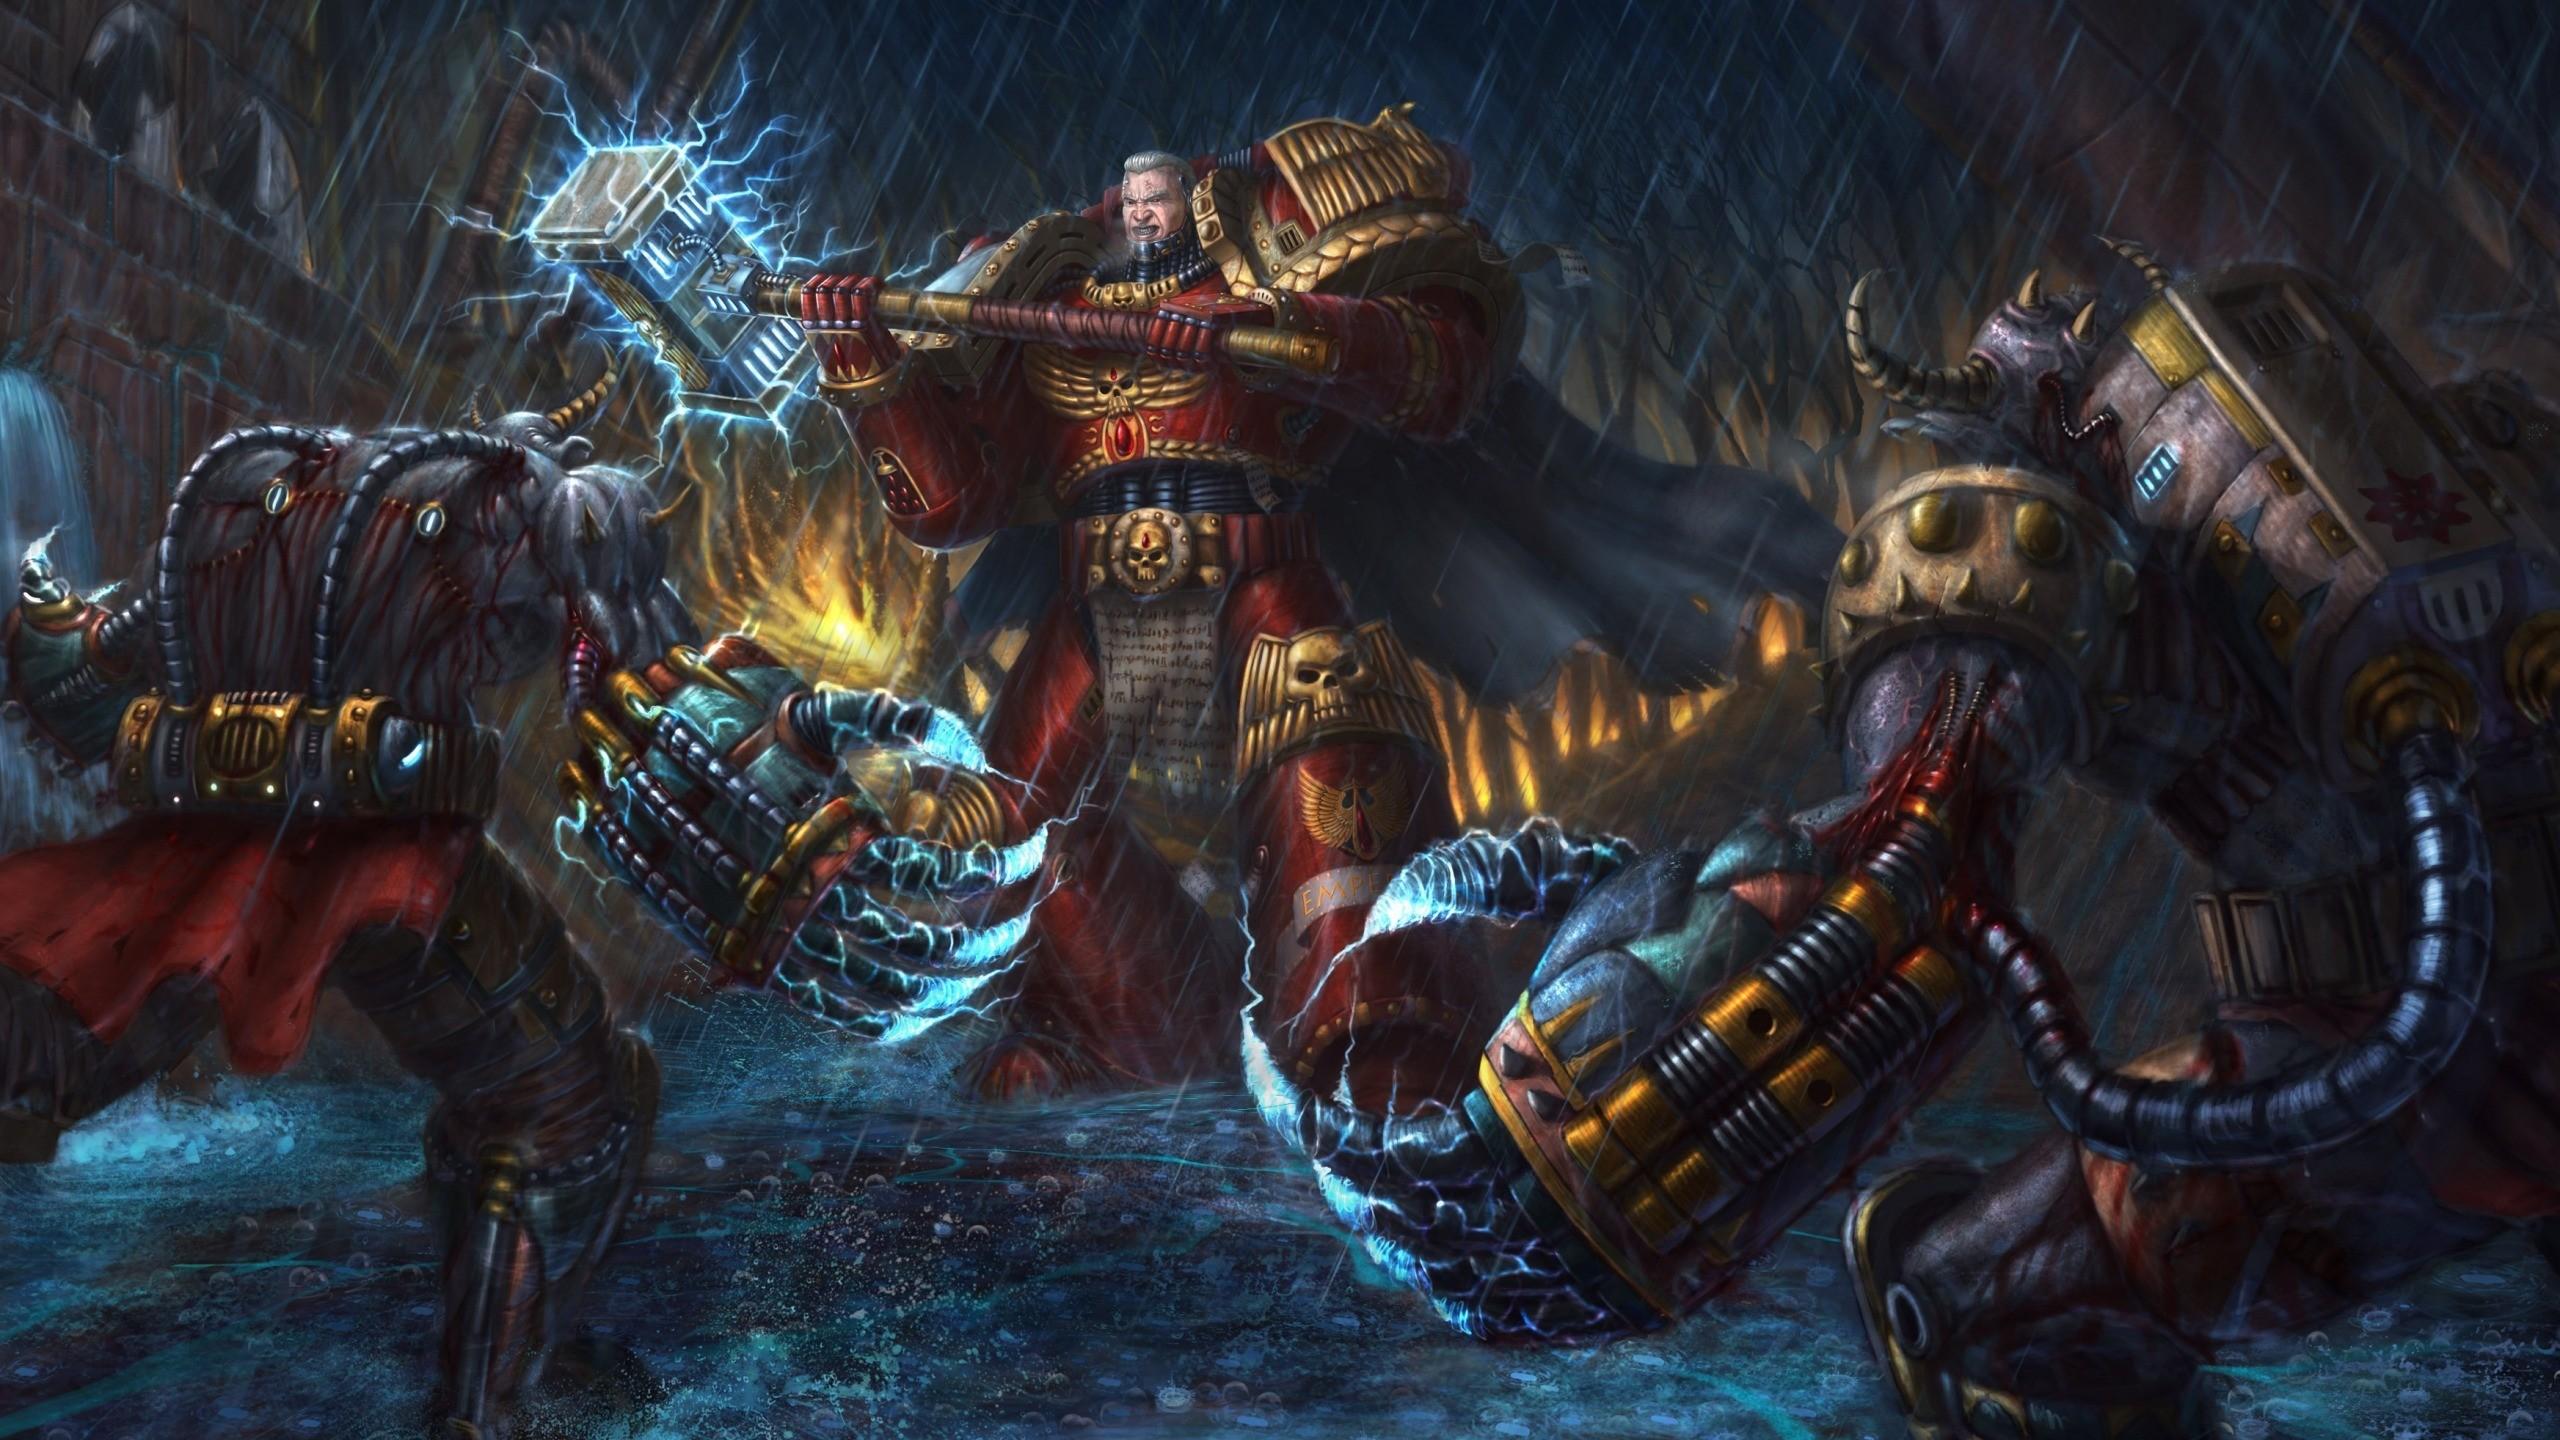 warhammer-40k-space-marine.jpg (2560×1440)   Warhammer 40000   Pinterest   Warhammer  40000 and Warhammer 40K